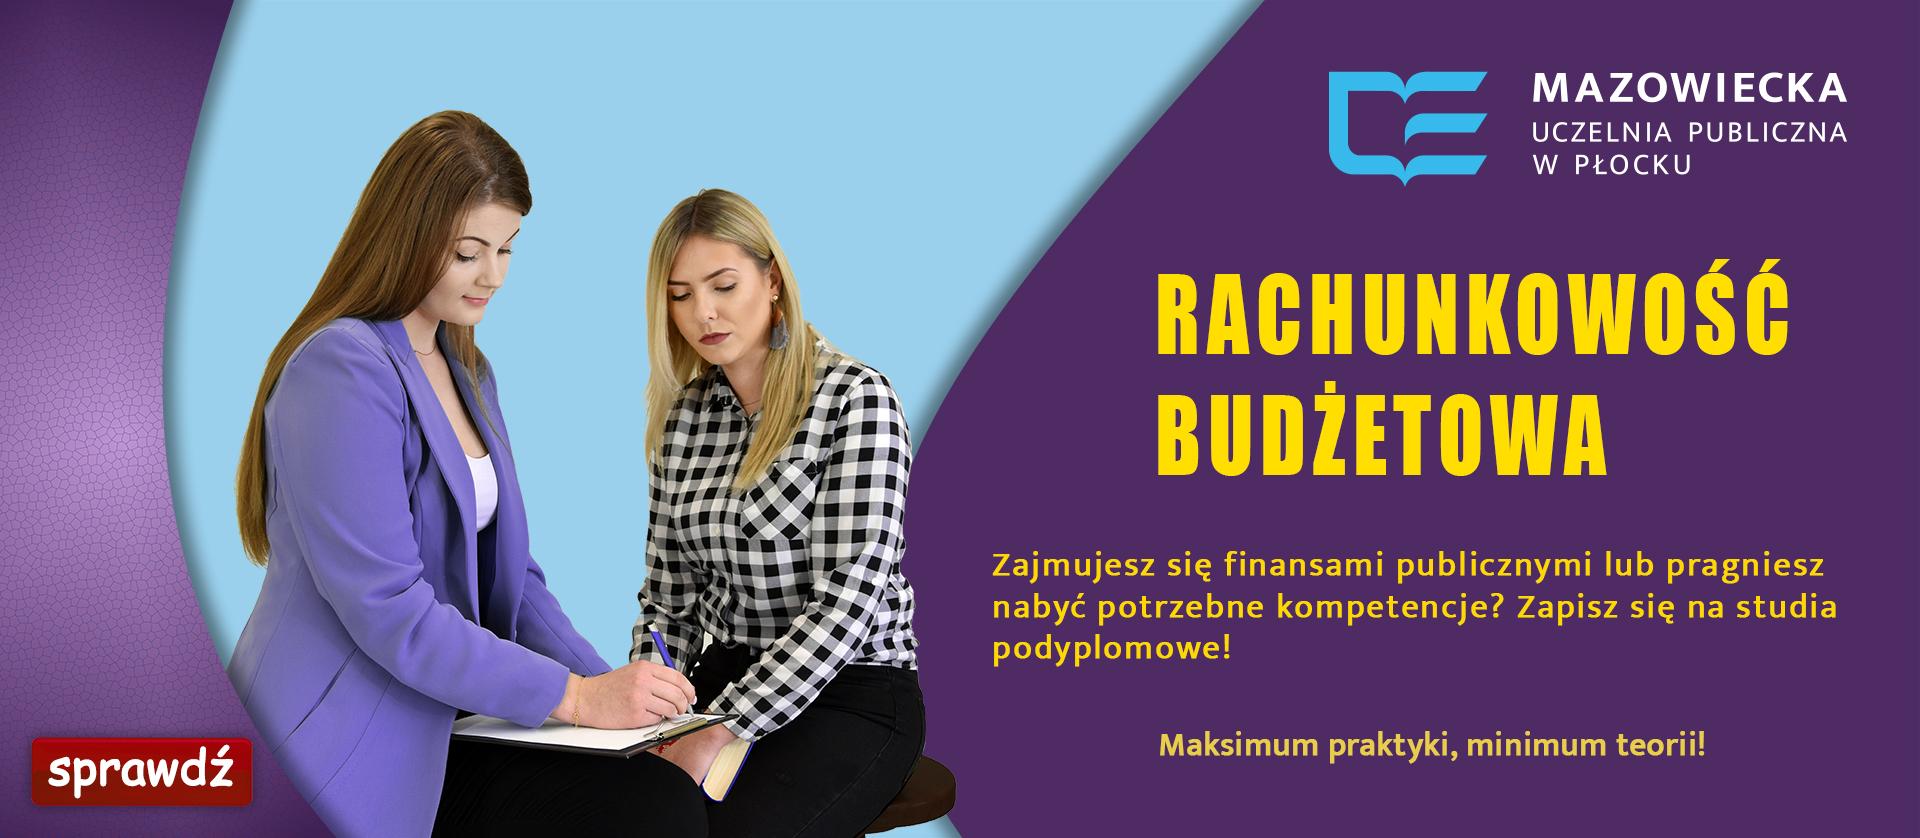 Banner promujący studia rachunkowość budżetową